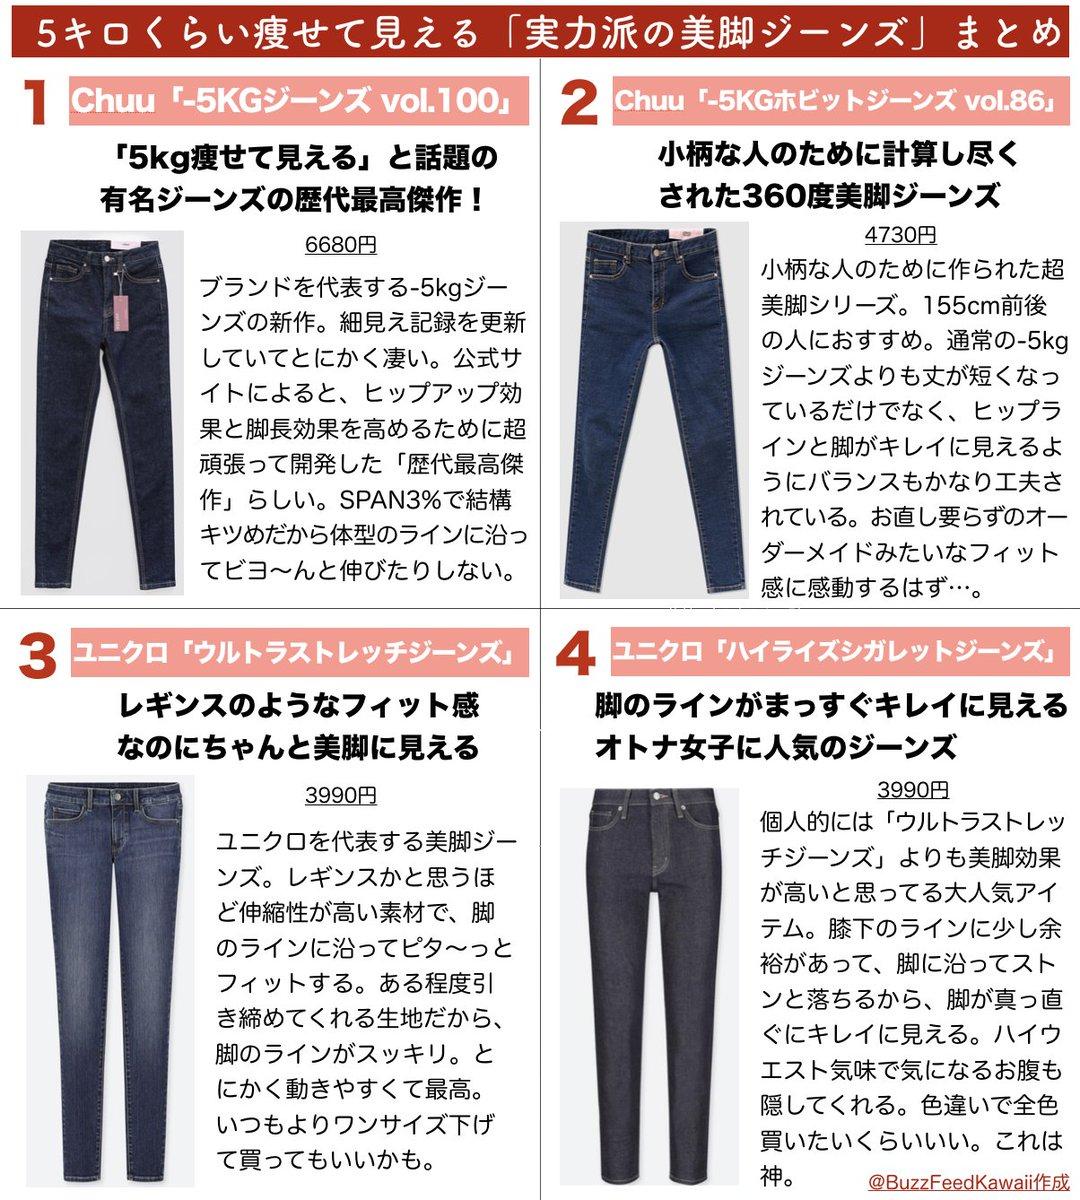 ファッションオタが神と崇める「本当に美脚に見えるジーンズ」をまとめました。